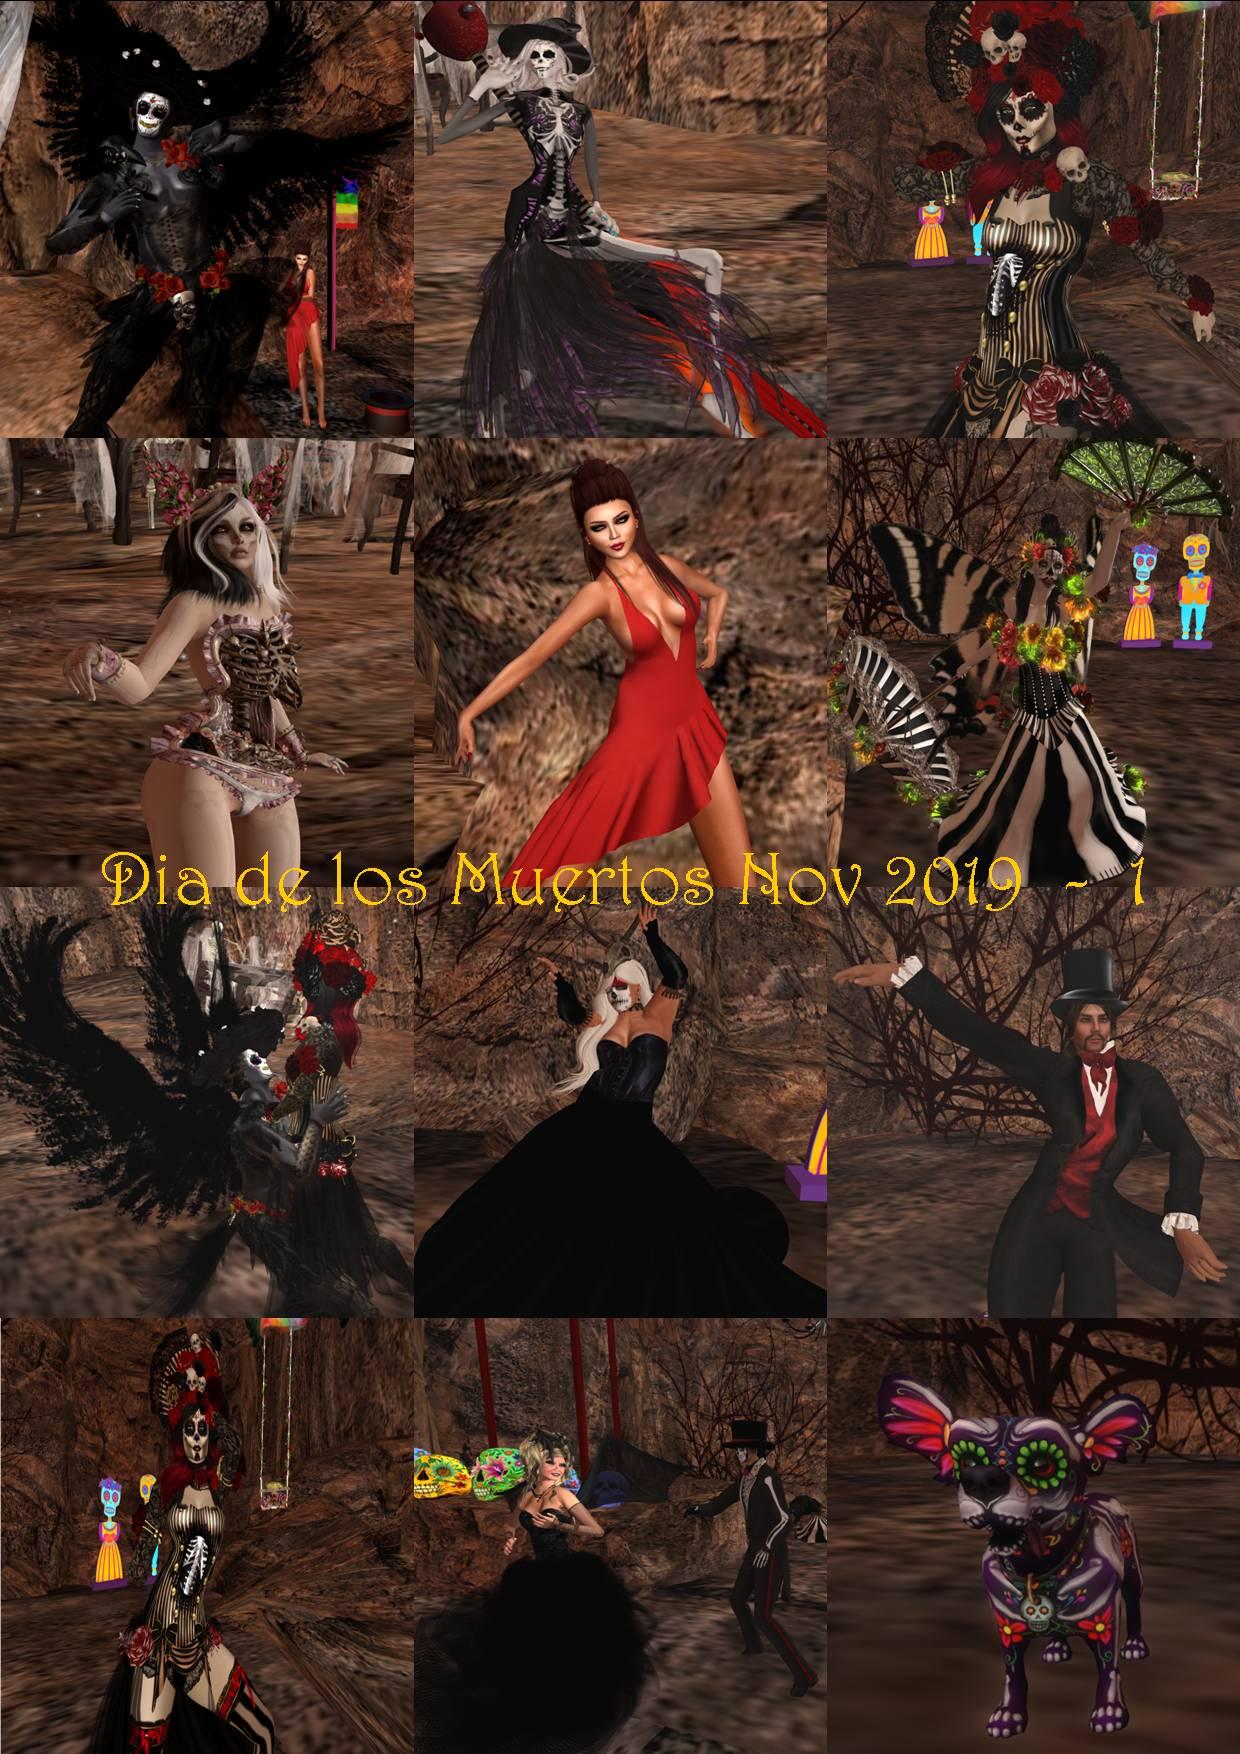 DIA DE LOS MUERTOS - DAY OF THE DEAD COLLAGE 2019